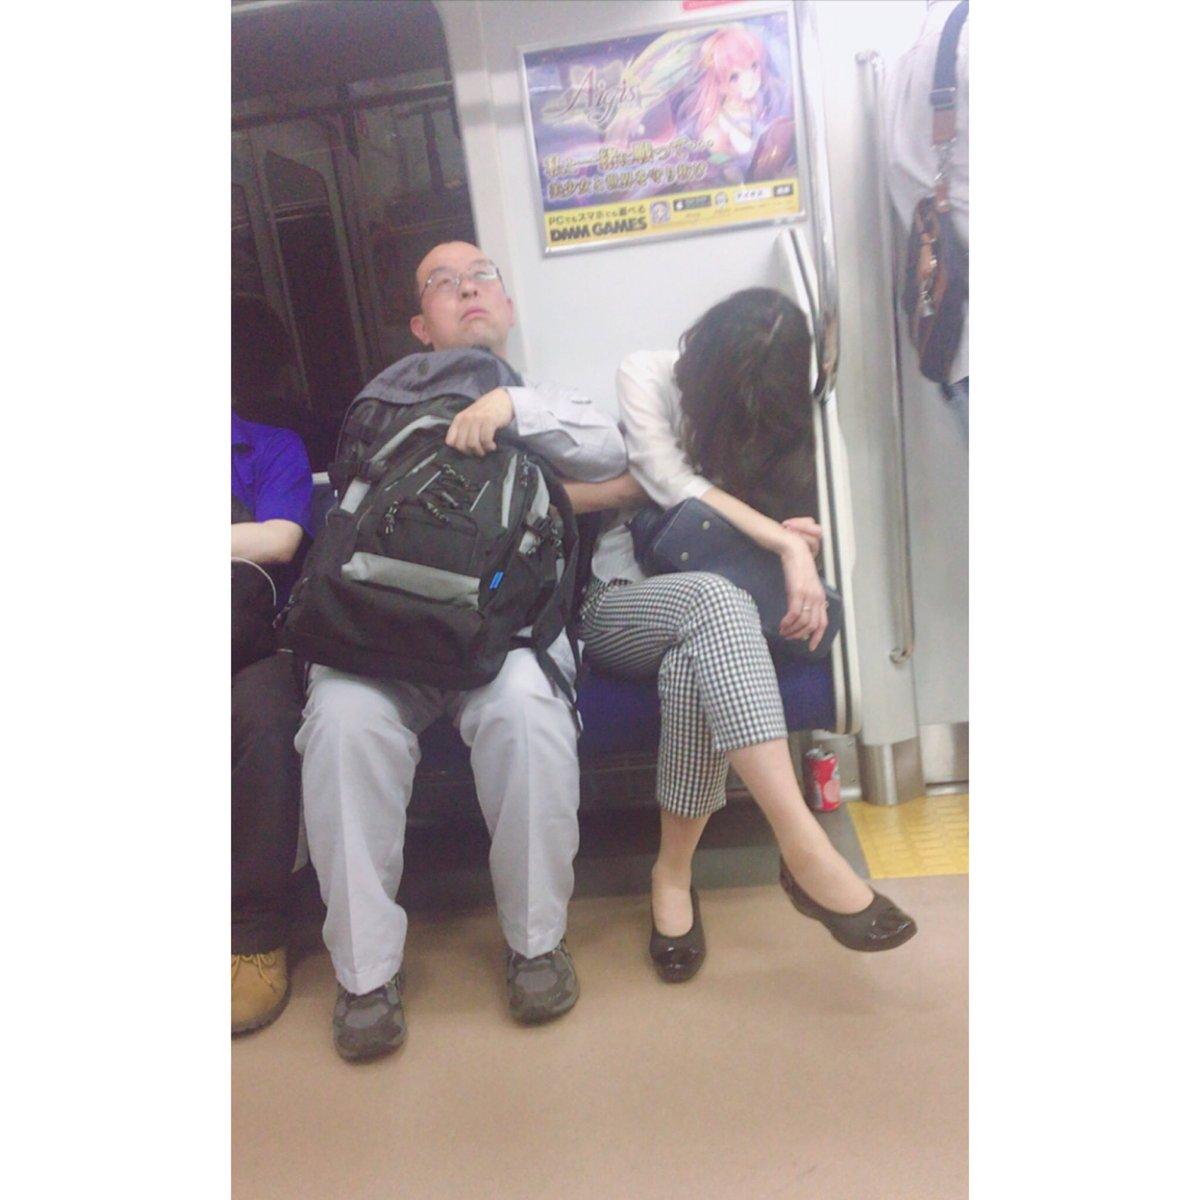 電車内で本当にあったヤバイエロ画像wwwwwwwwwwwwwww Oo451e4